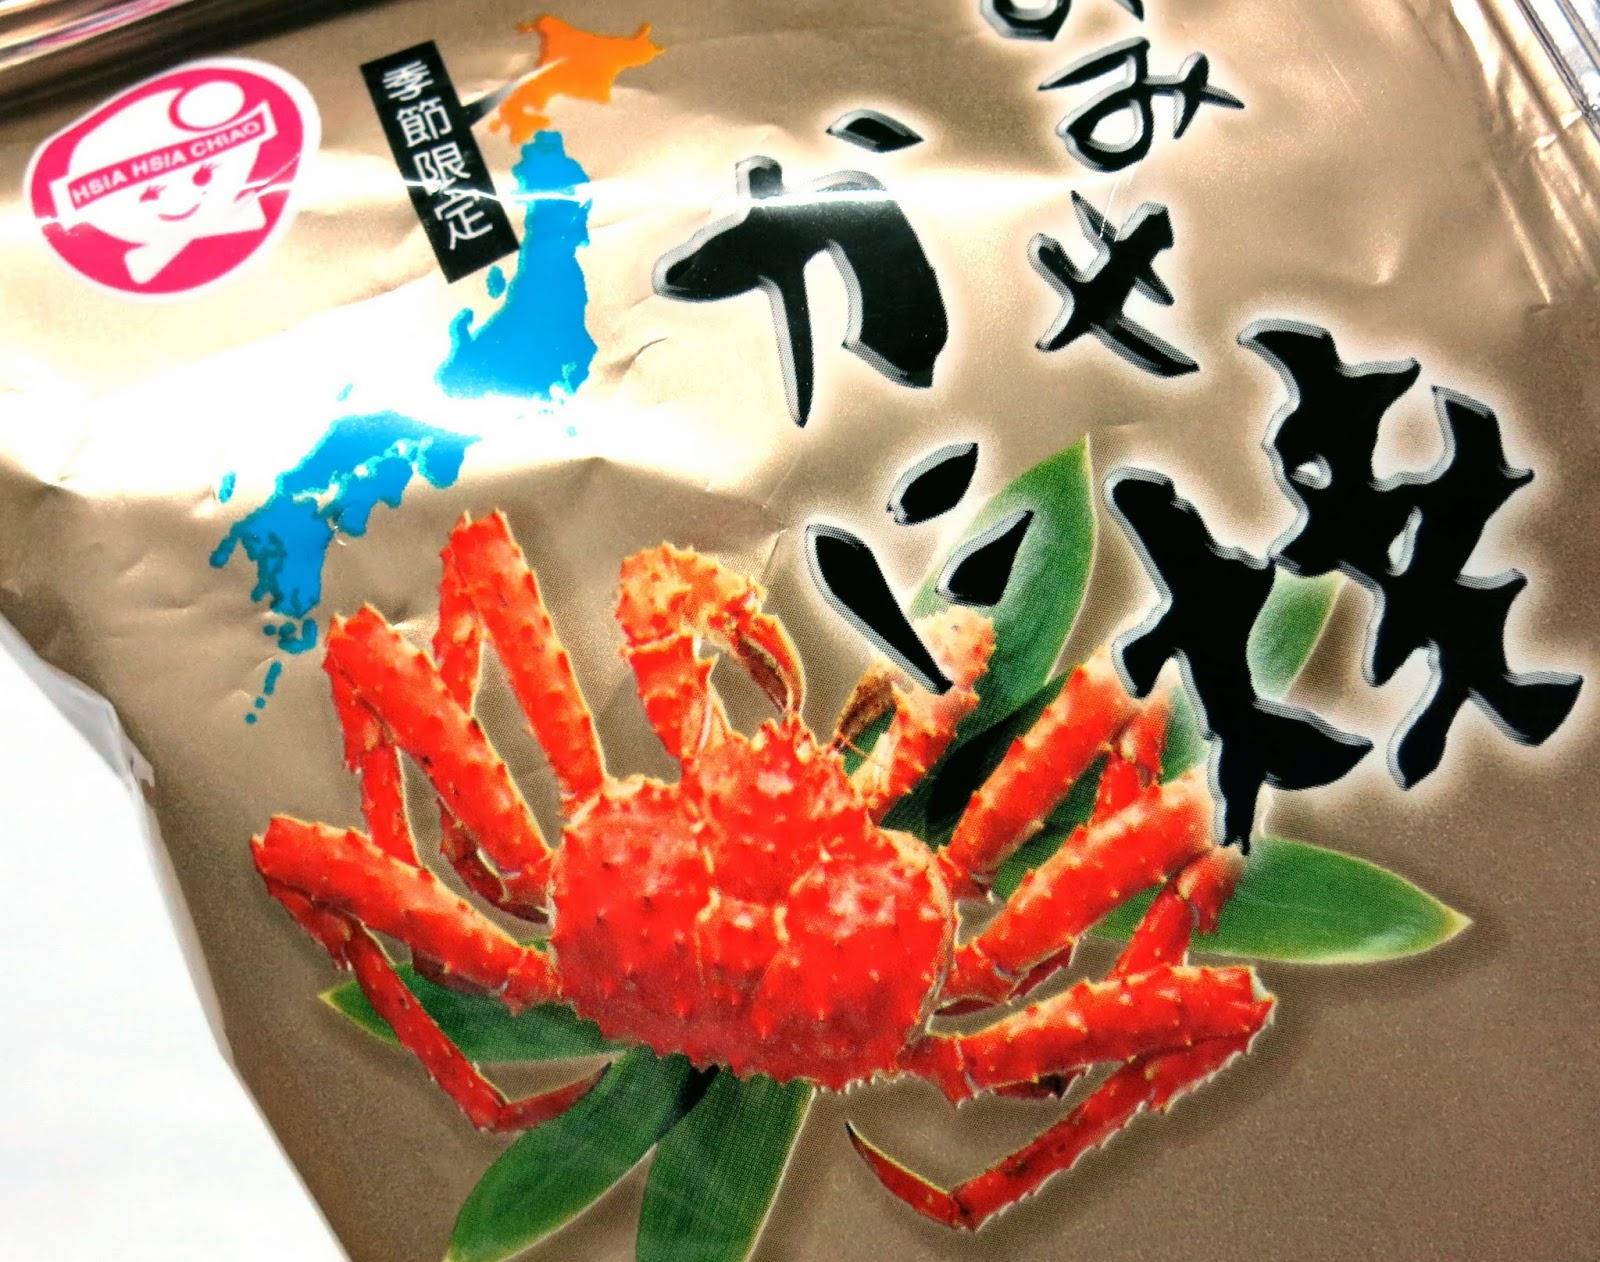 想 yummy. 就係咁 easy: 【零食推介篇】臺灣嗄嗄叫帝王蟹風味餅